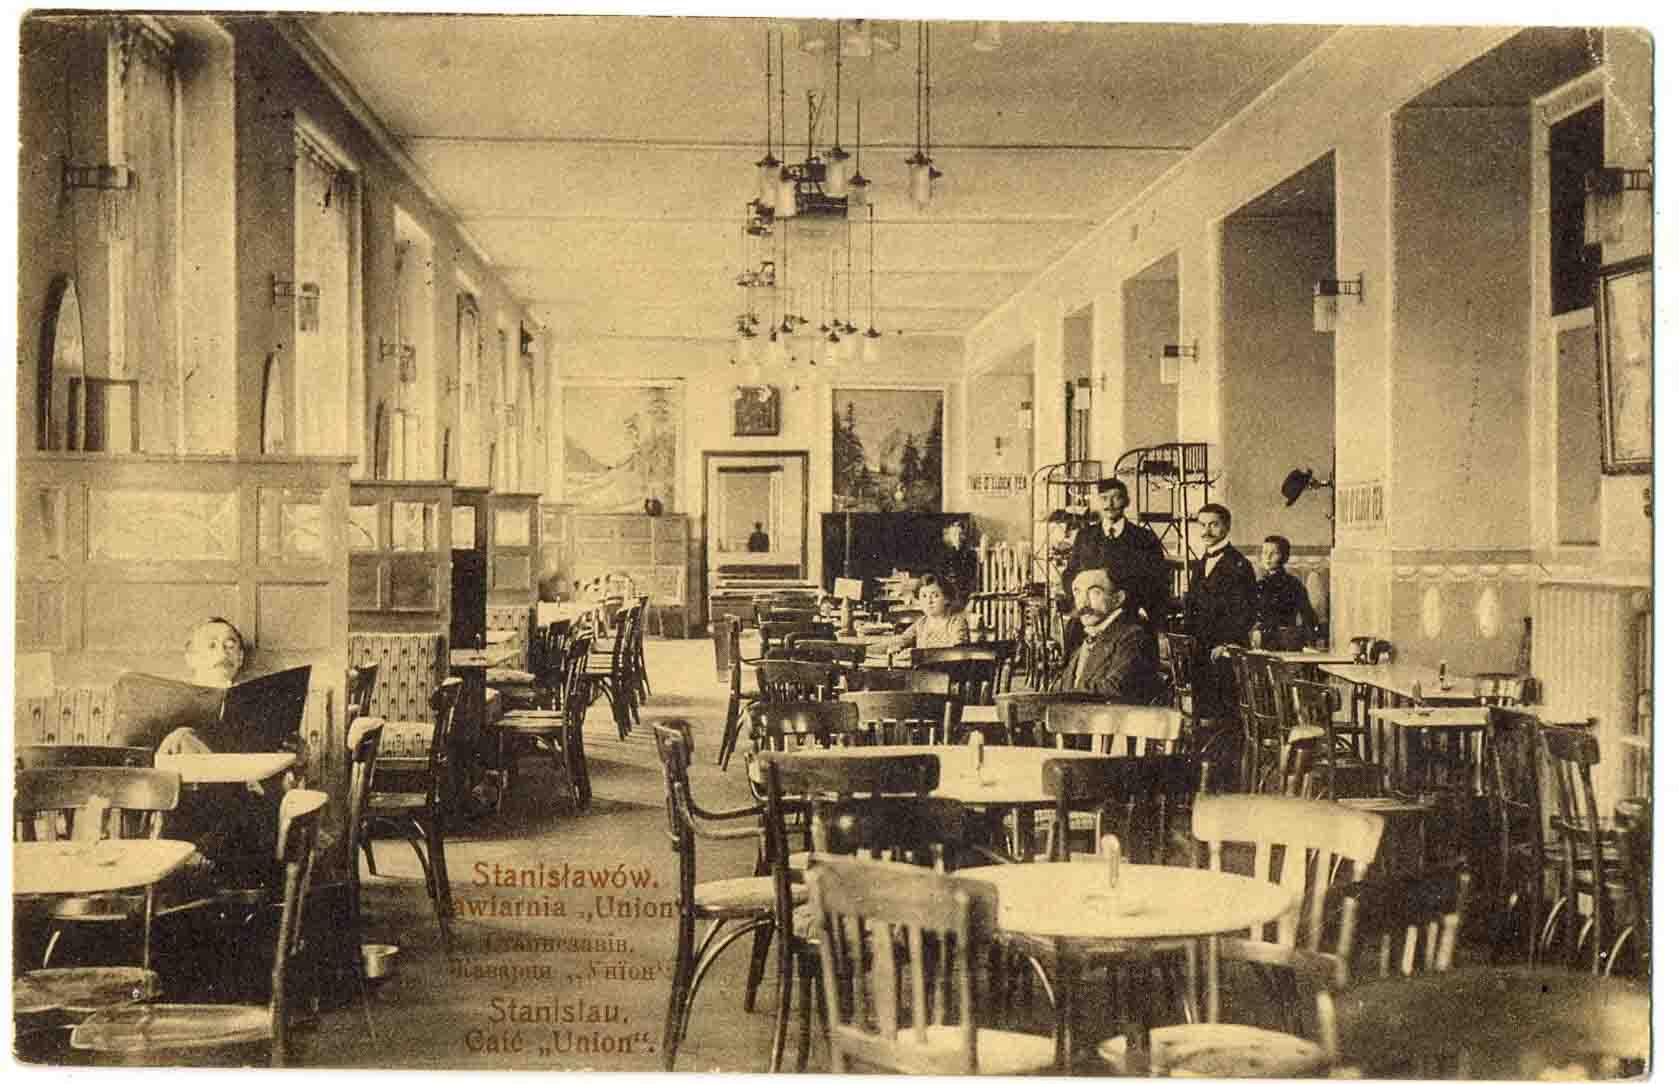 Kuchnia starego Stanisławowa